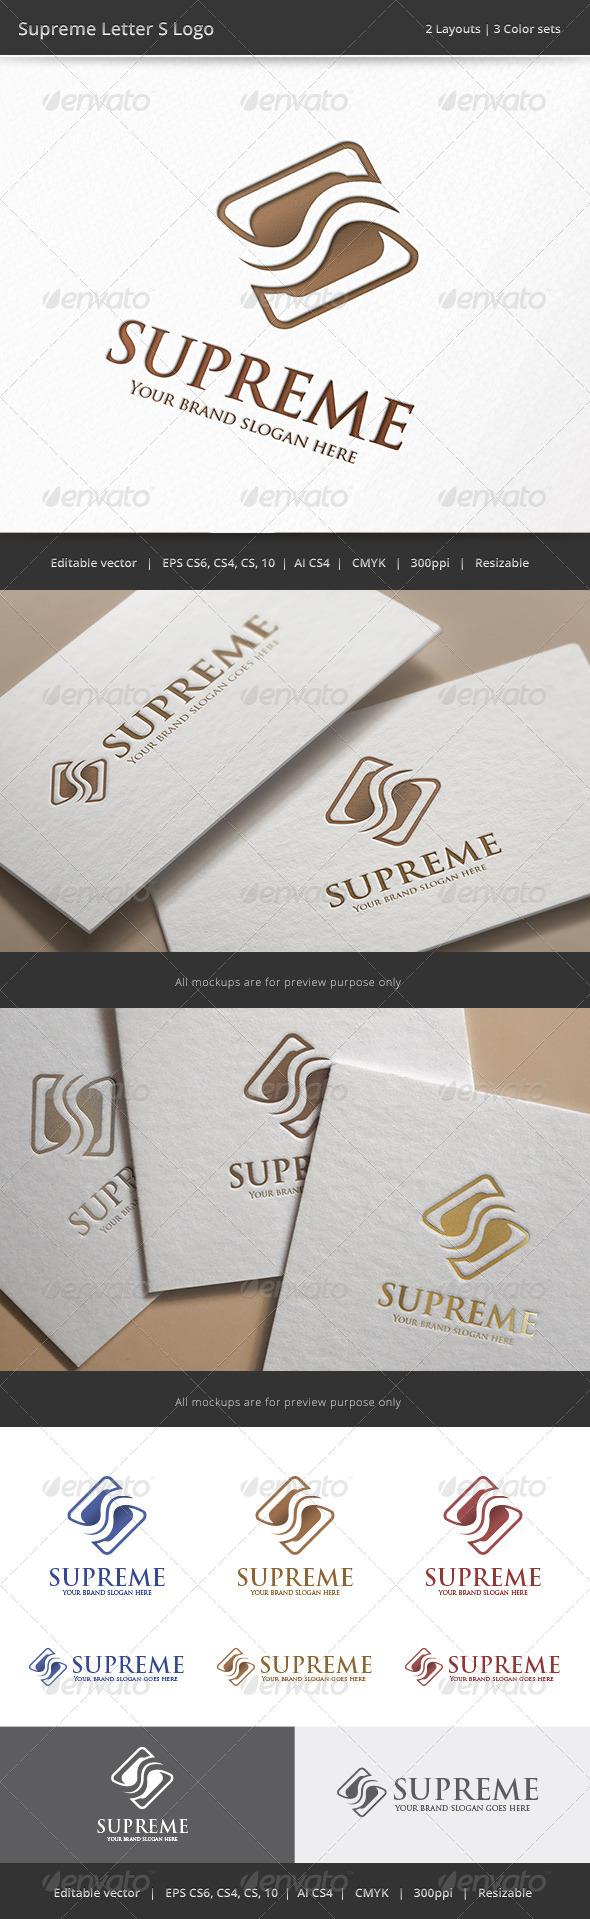 GraphicRiver Supreme Letter S Logo 8466938